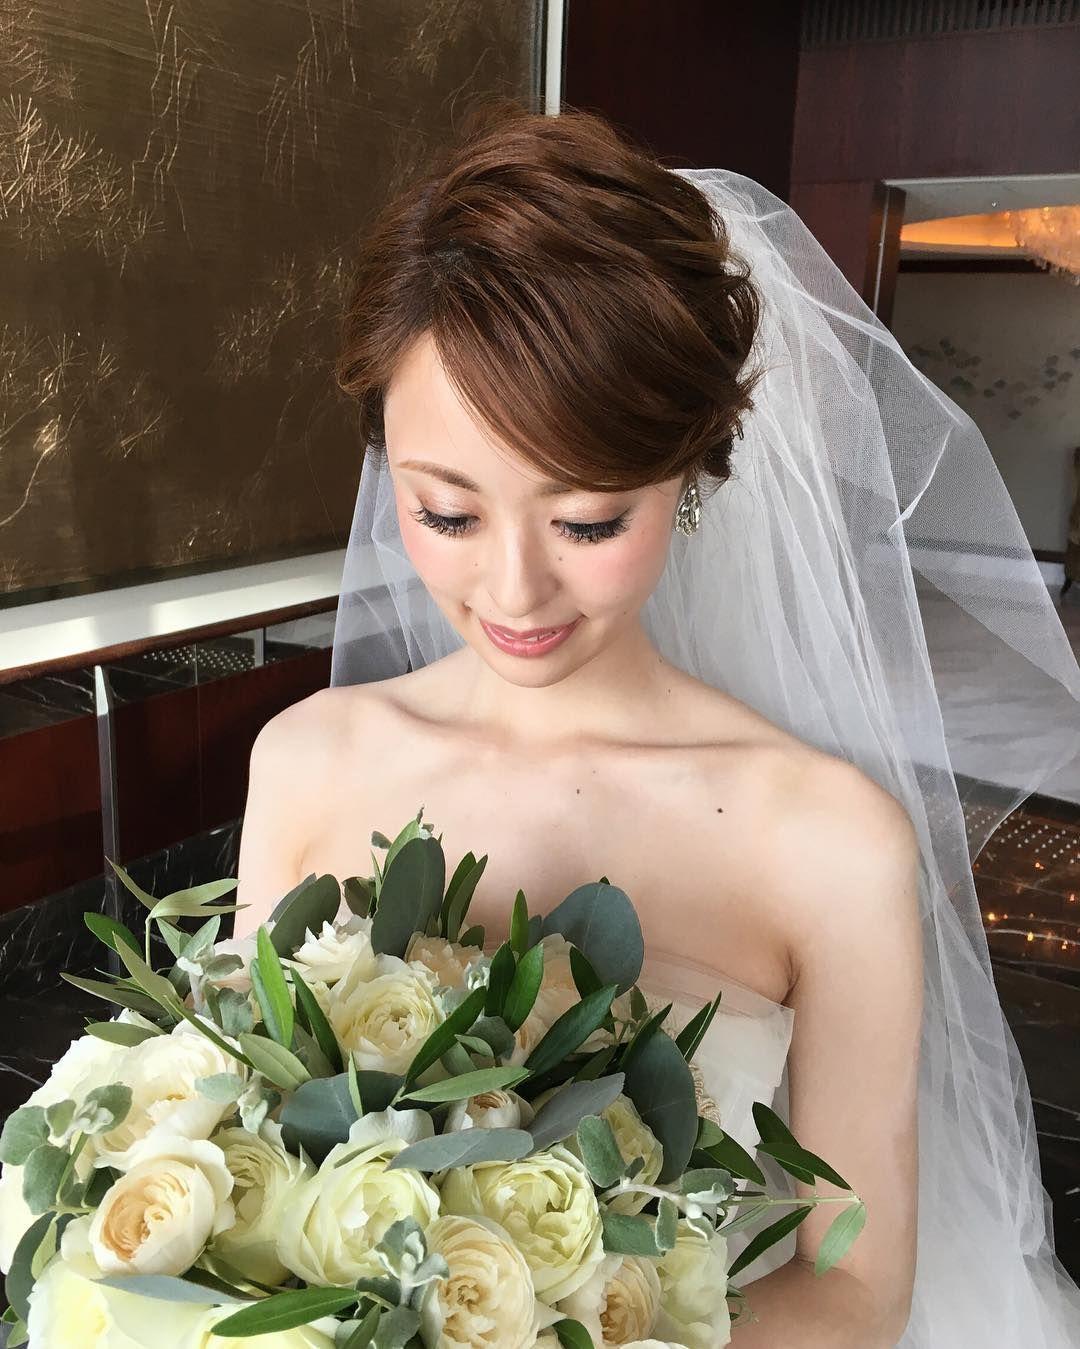 「花嫁 前髪なし」の画像検索結果